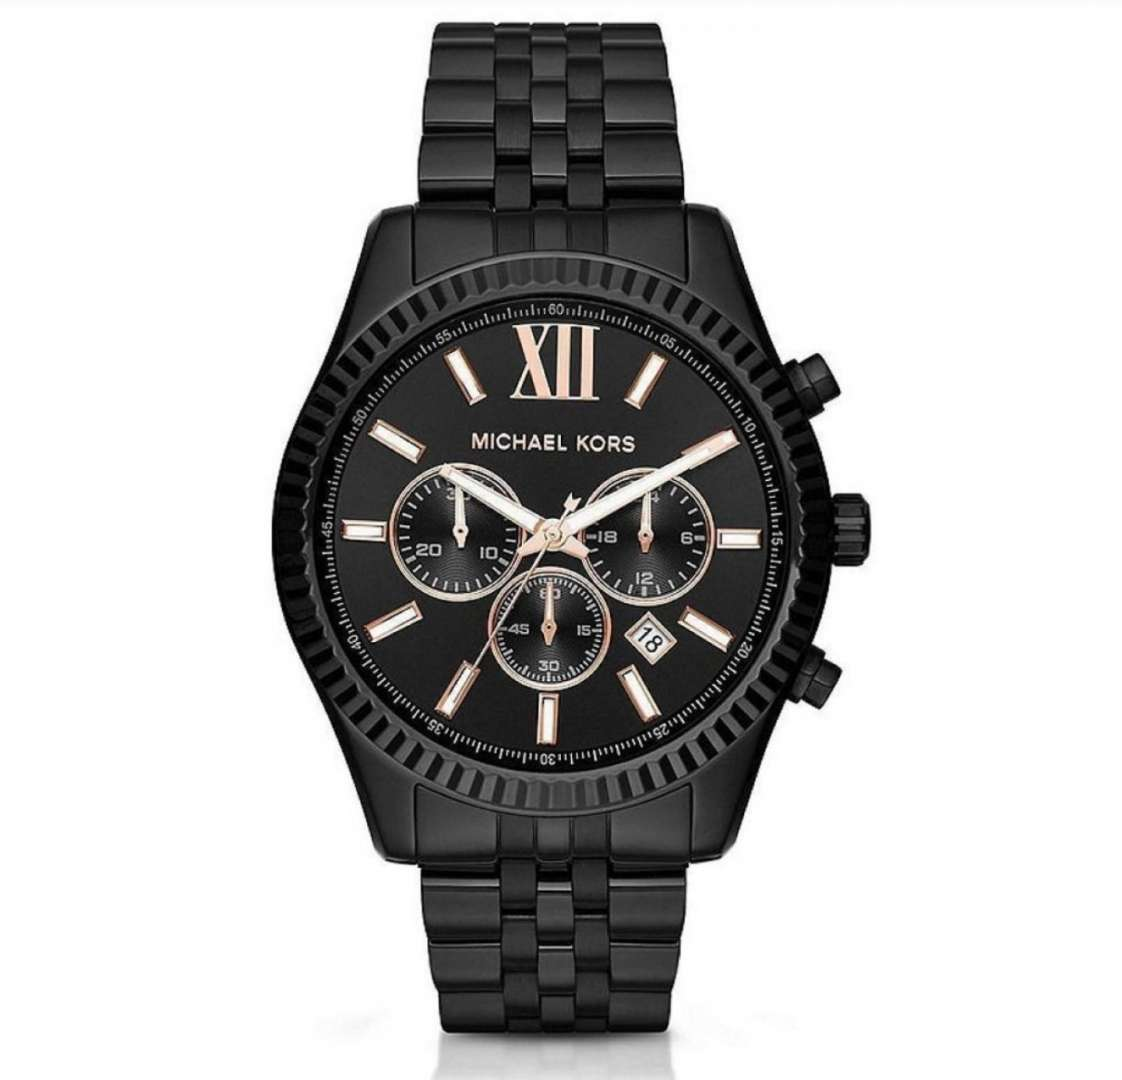 שעון יד אנלוגי לגבר michael kors mk8467 מייקל קורס